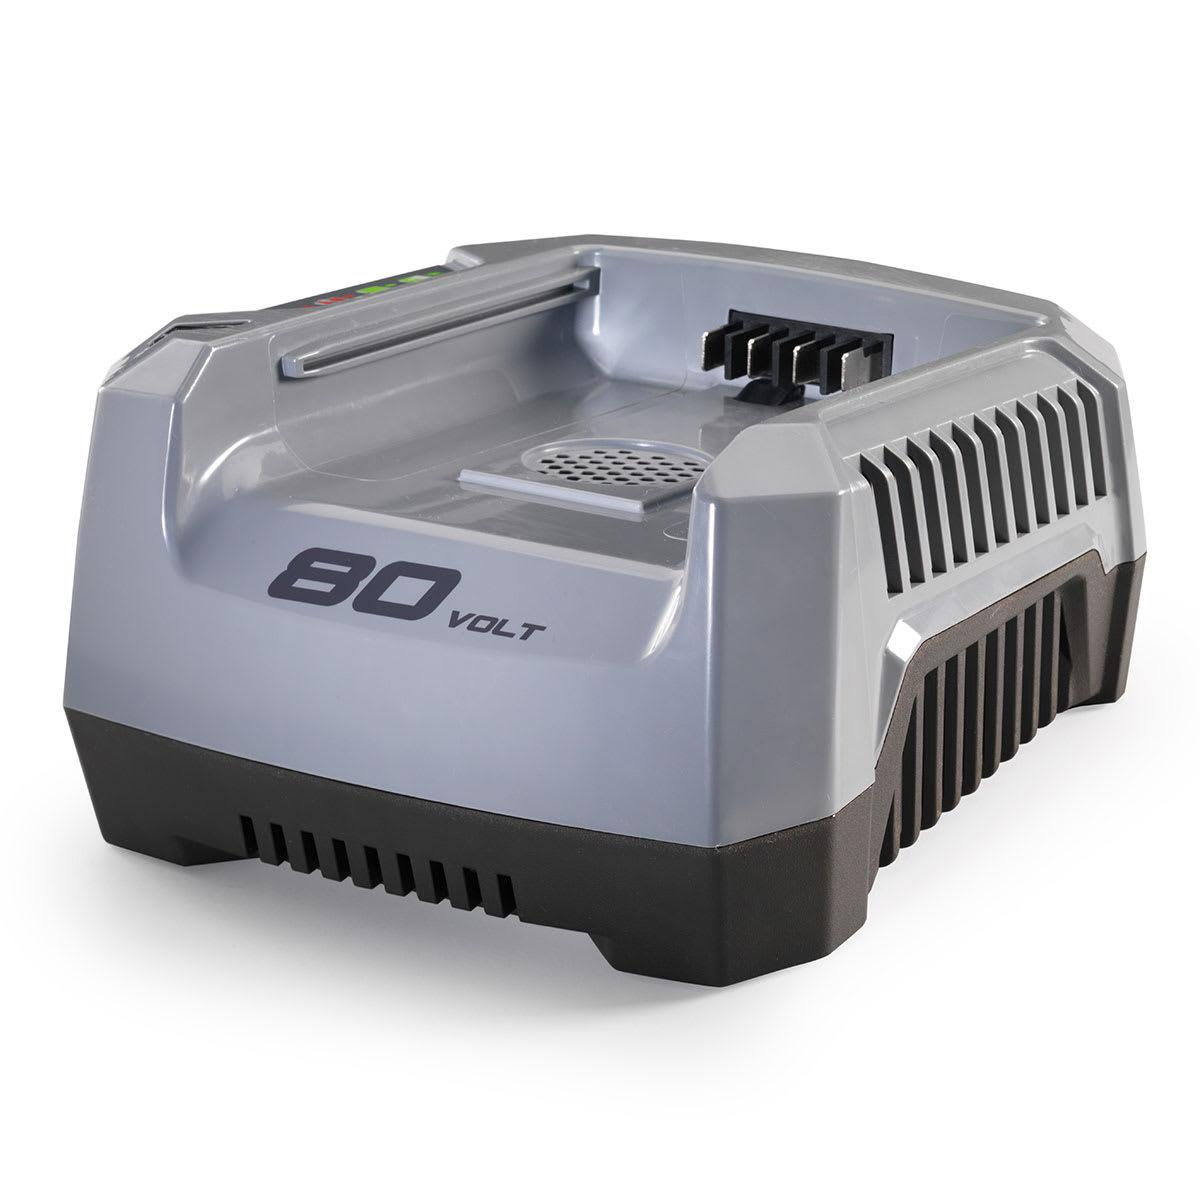 Passer til 80 V batteriet fra Stiga